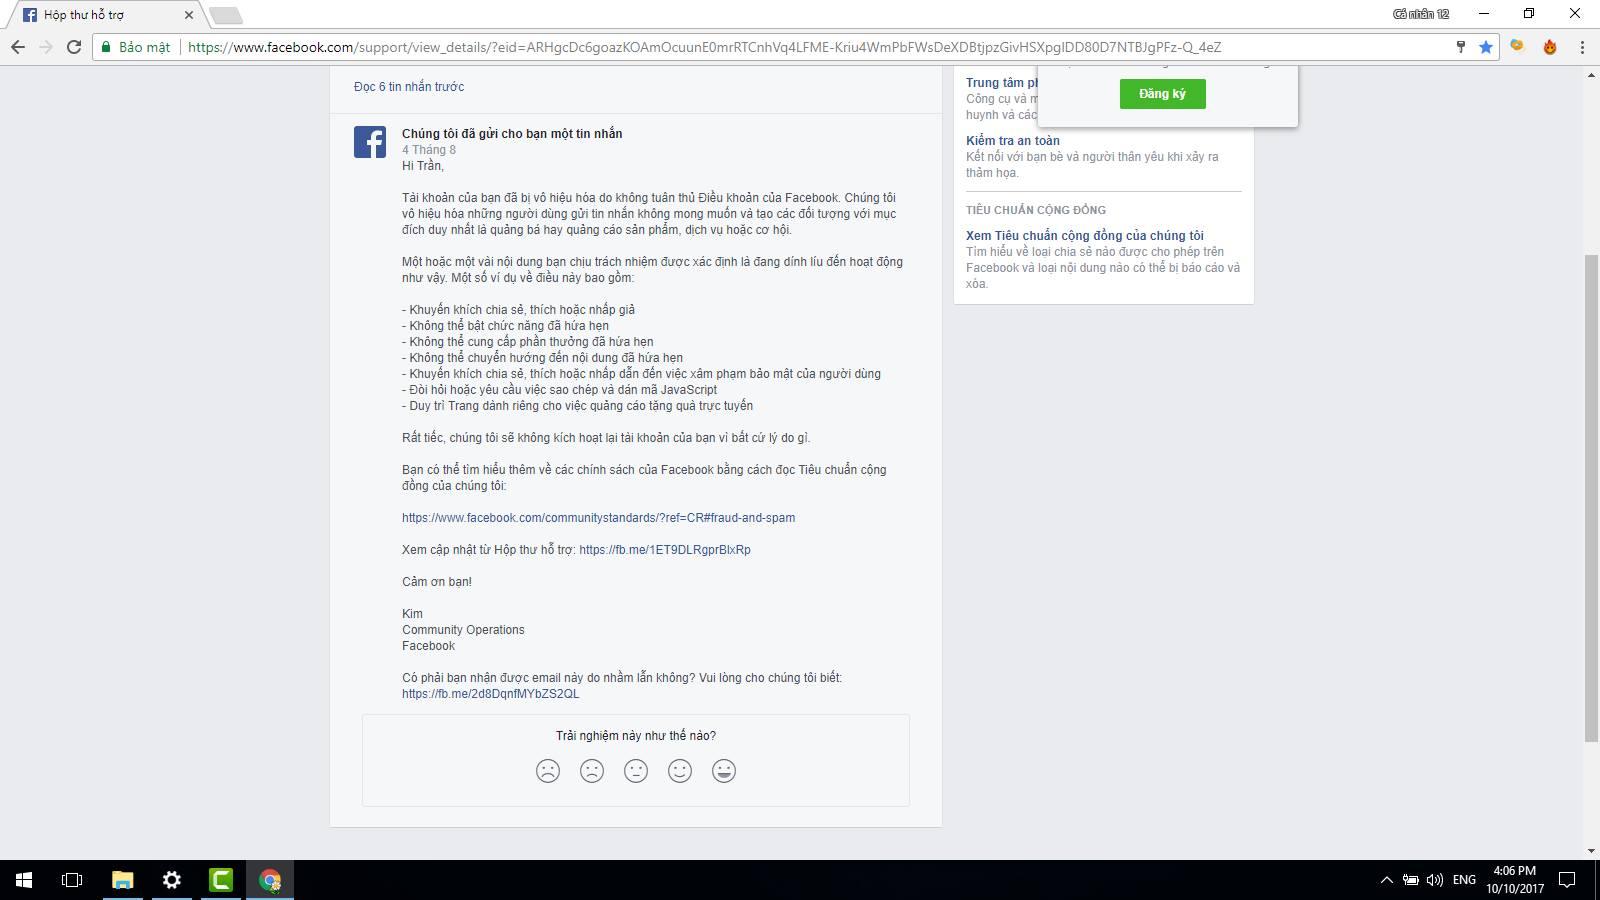 Hướng dẫn mở khóa FAQ tên giả mới nhất - image 22291424_309218452880287_5445533005940797290_o on https://atpsoftware.vn